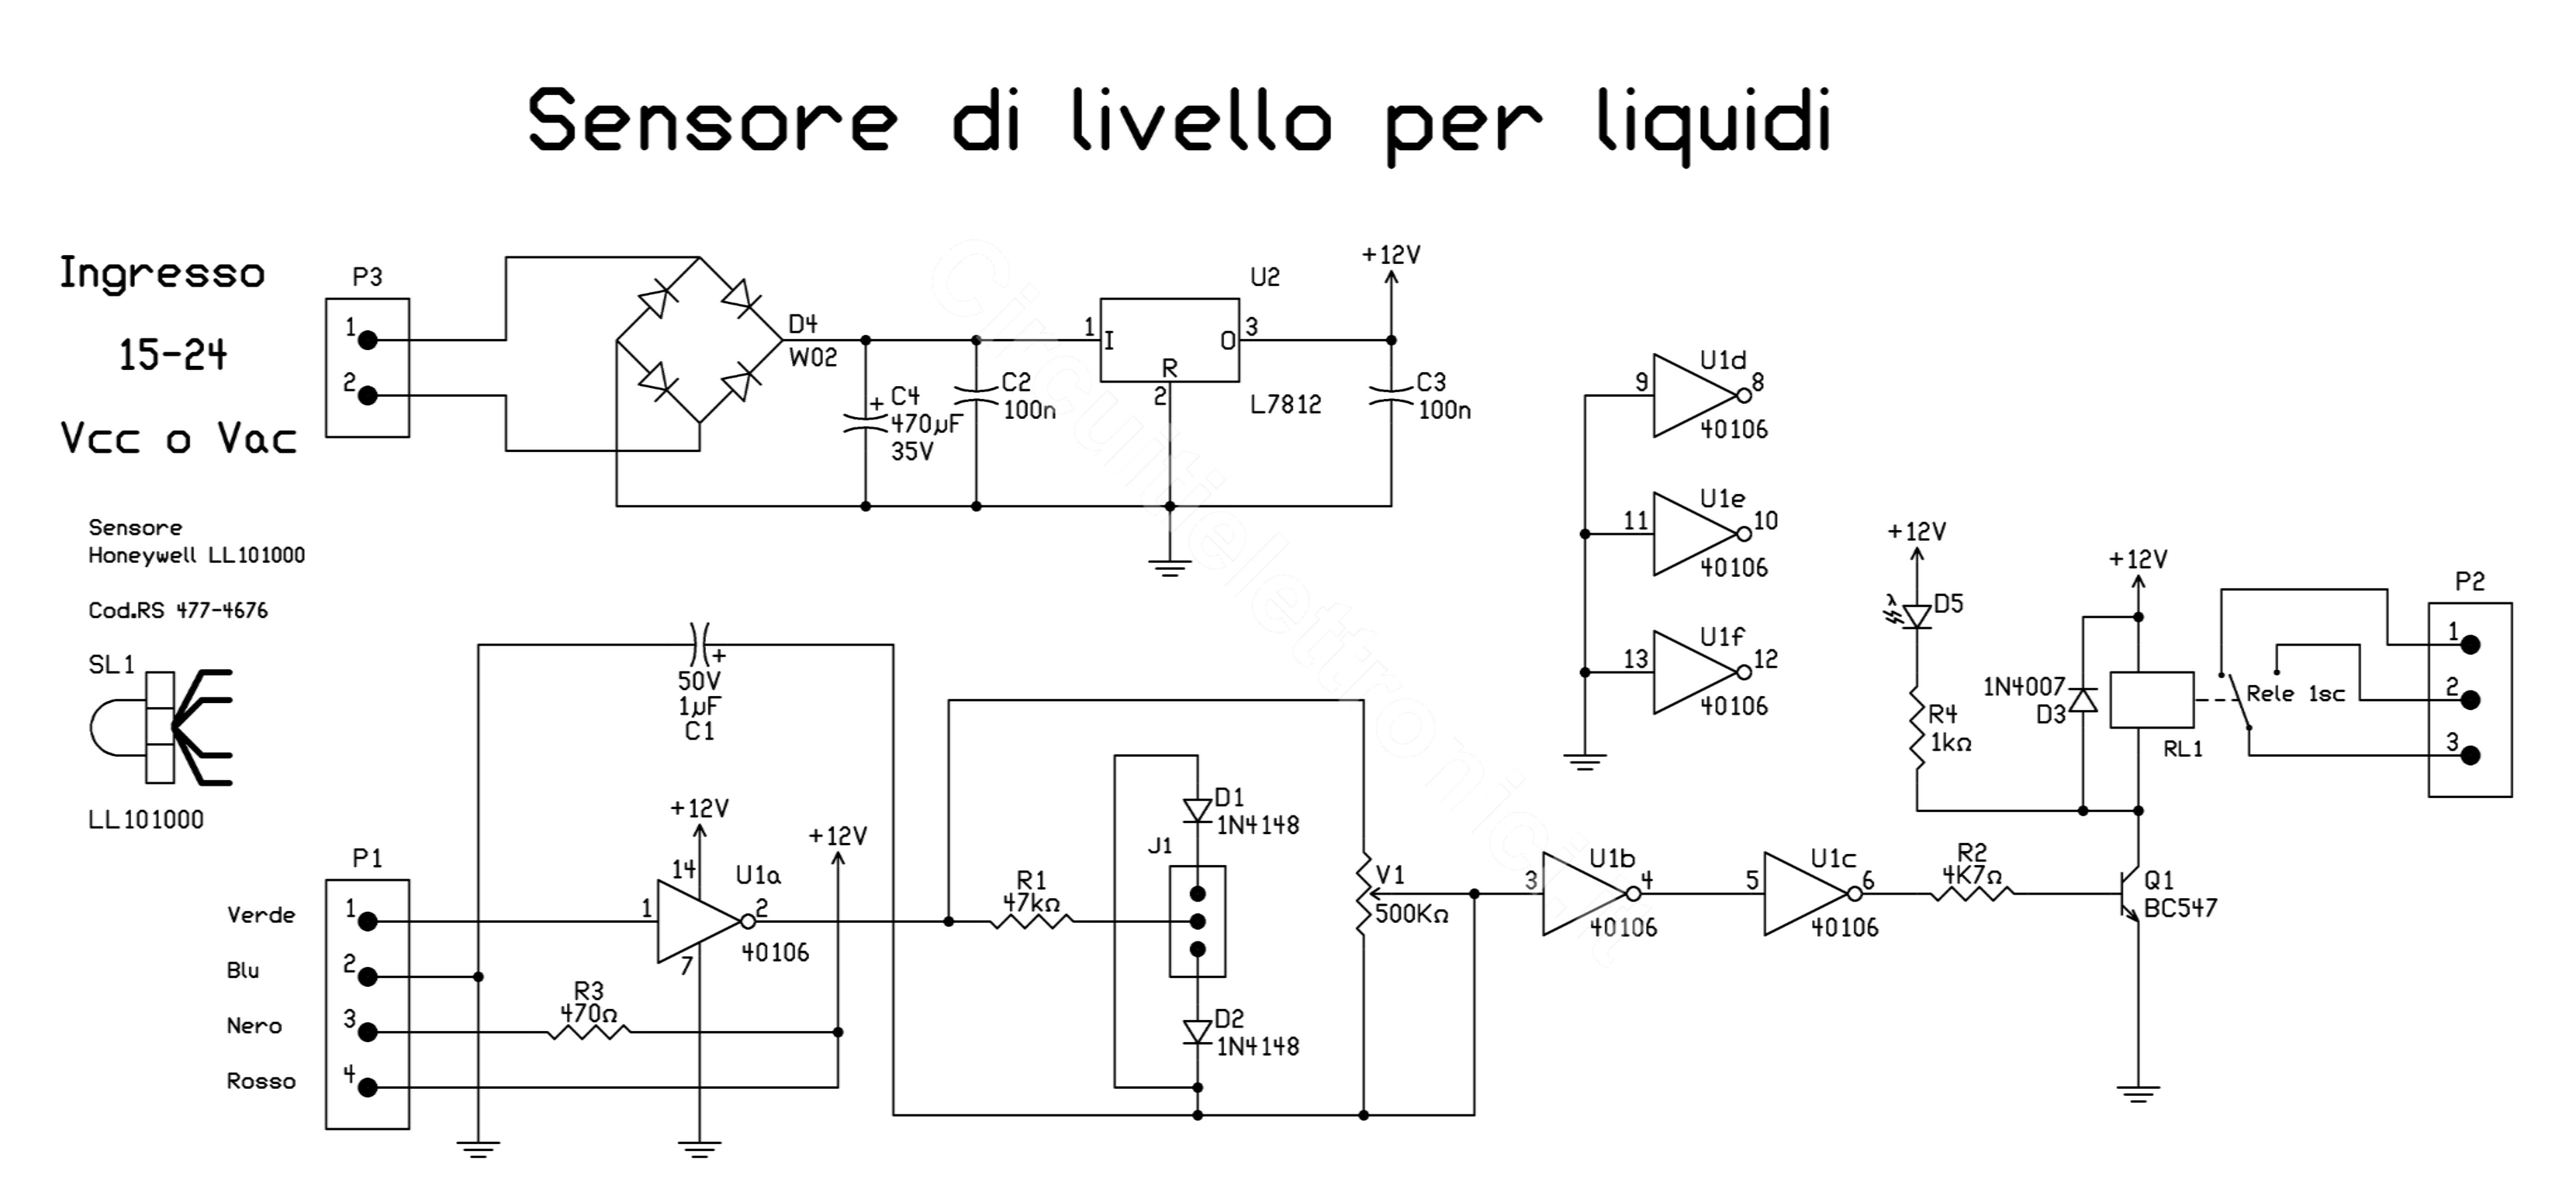 Schemi Elettrici Di Circuiti : Sensore livello liquidi circuitielettronici